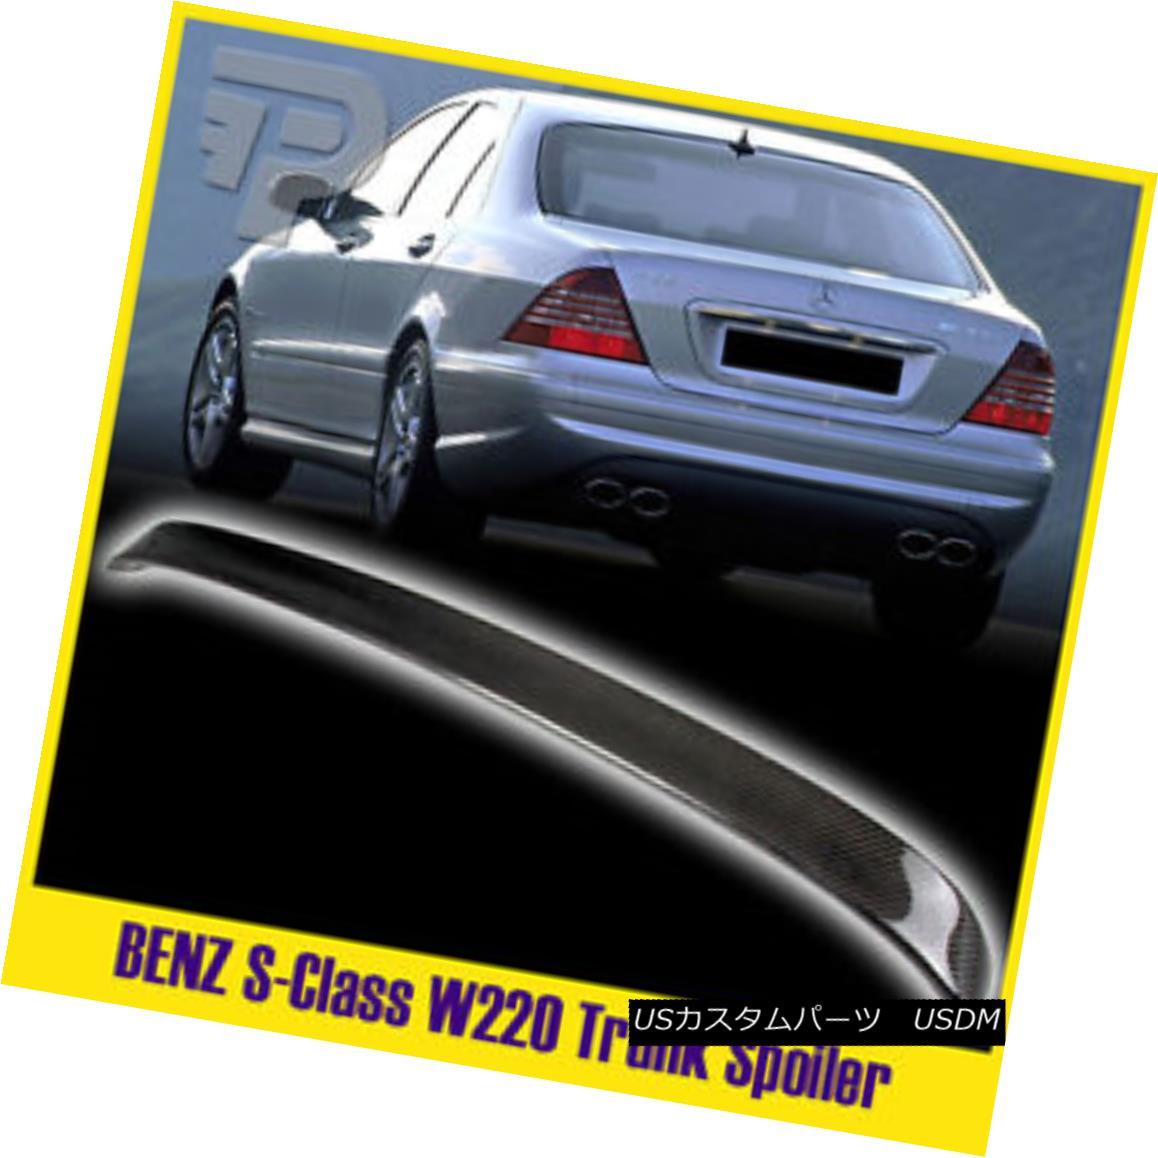 エアロパーツ FOR Mercedes BENZ W219 A TYPE BOOT CARBON FIBER TRUNK SPOILER 04-10 メルセデスベンツW219用Aタイプのカーボンファイバートランクスポイラー04-10